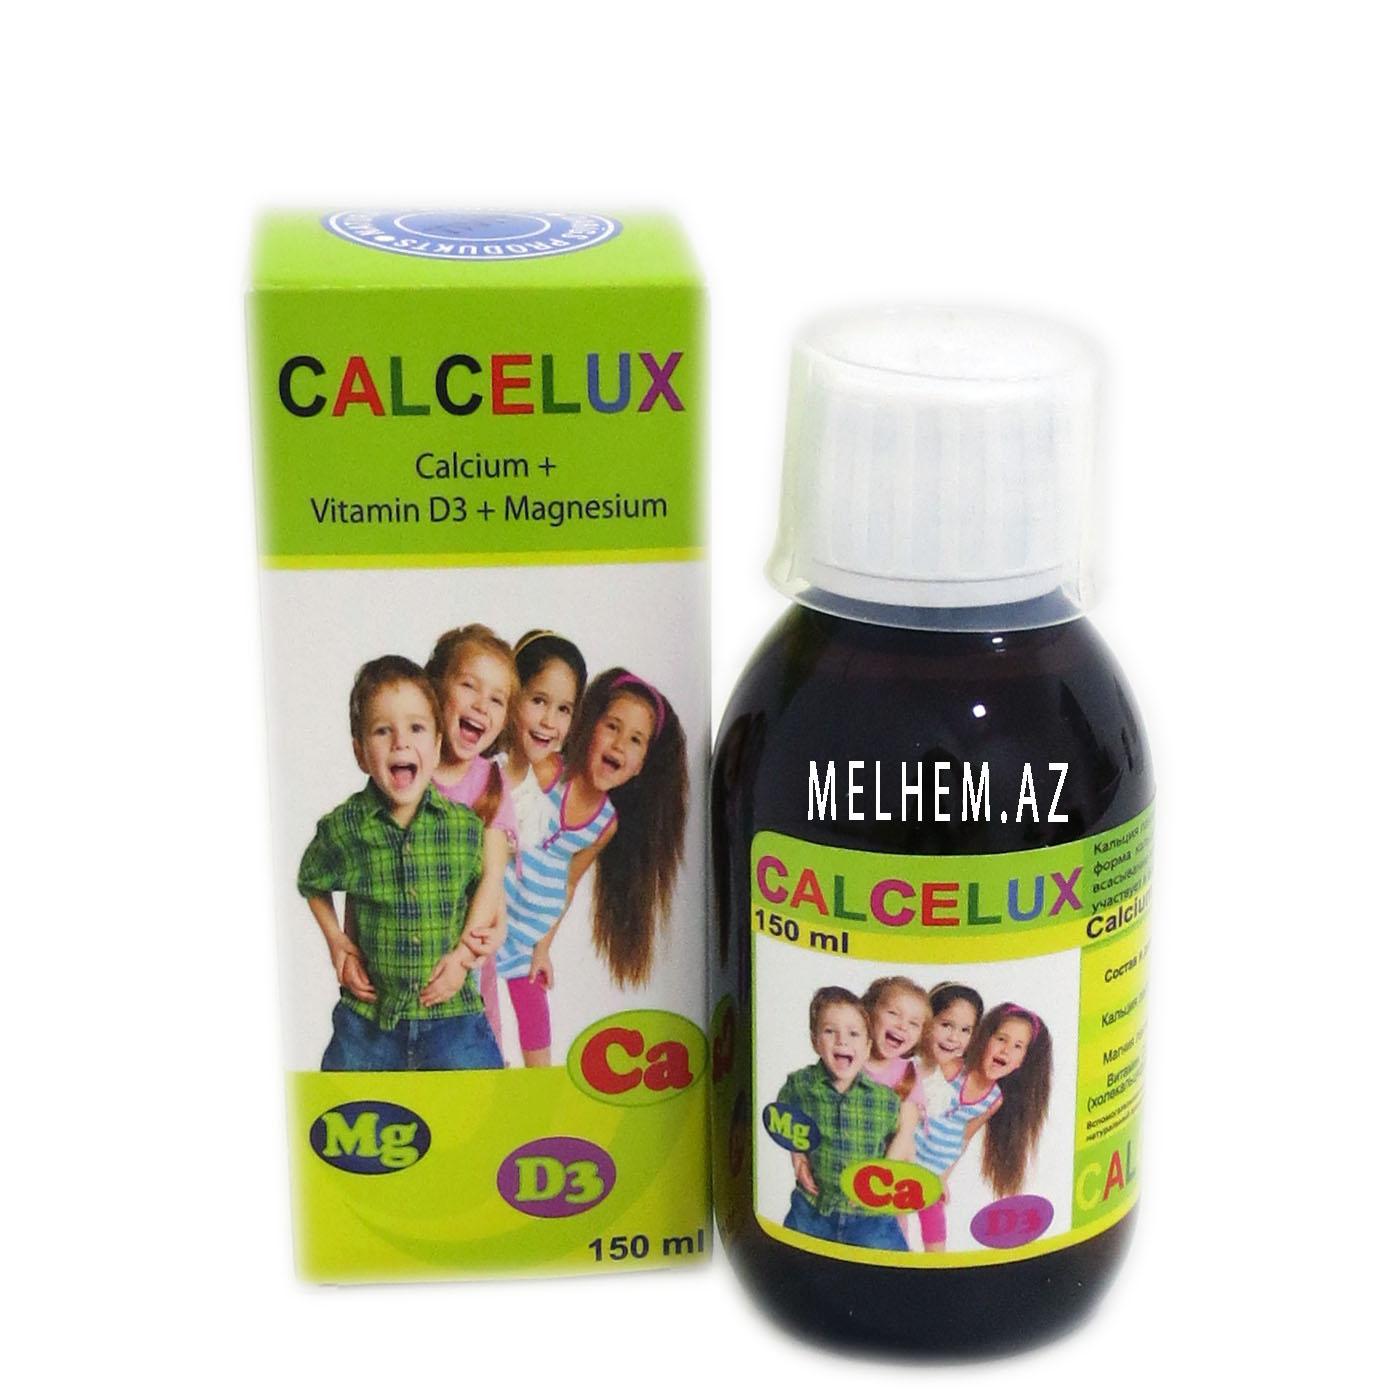 CALCELUX